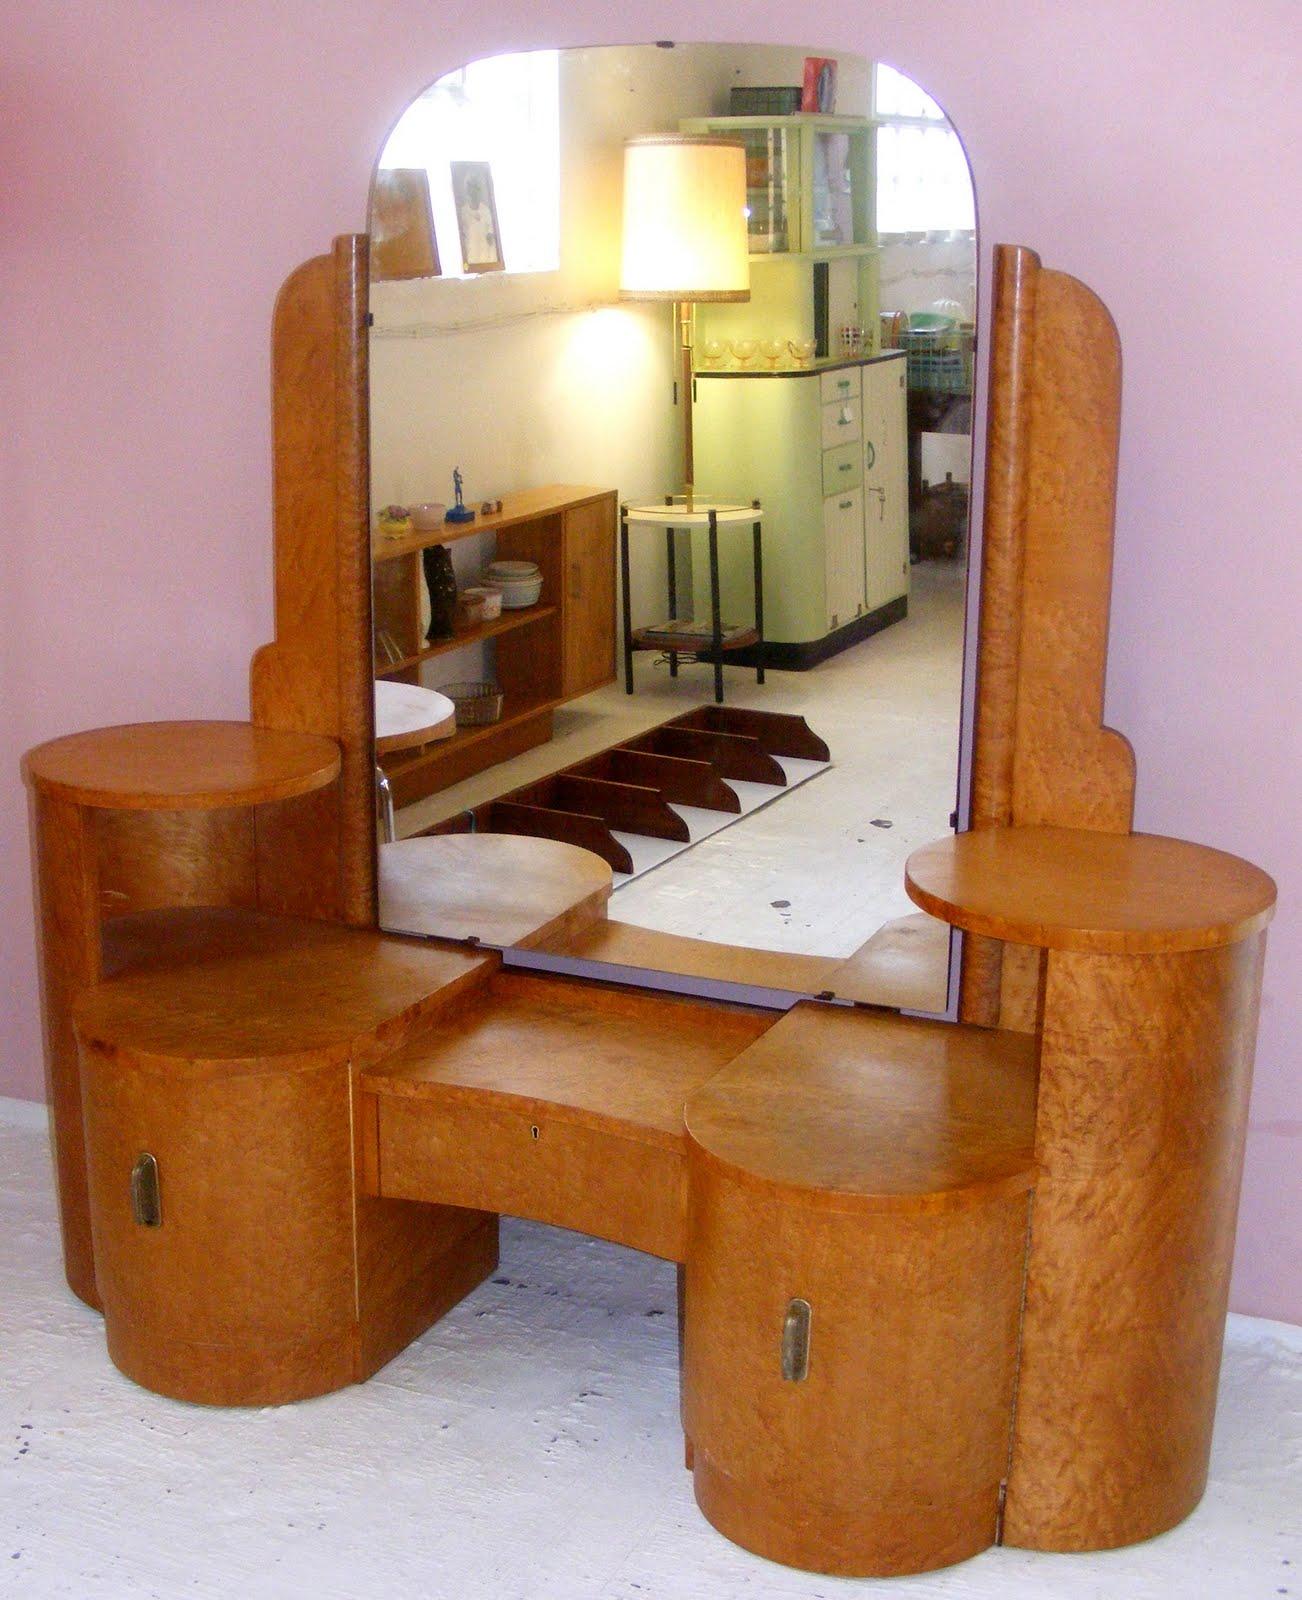 Vamp Furniture April 2010